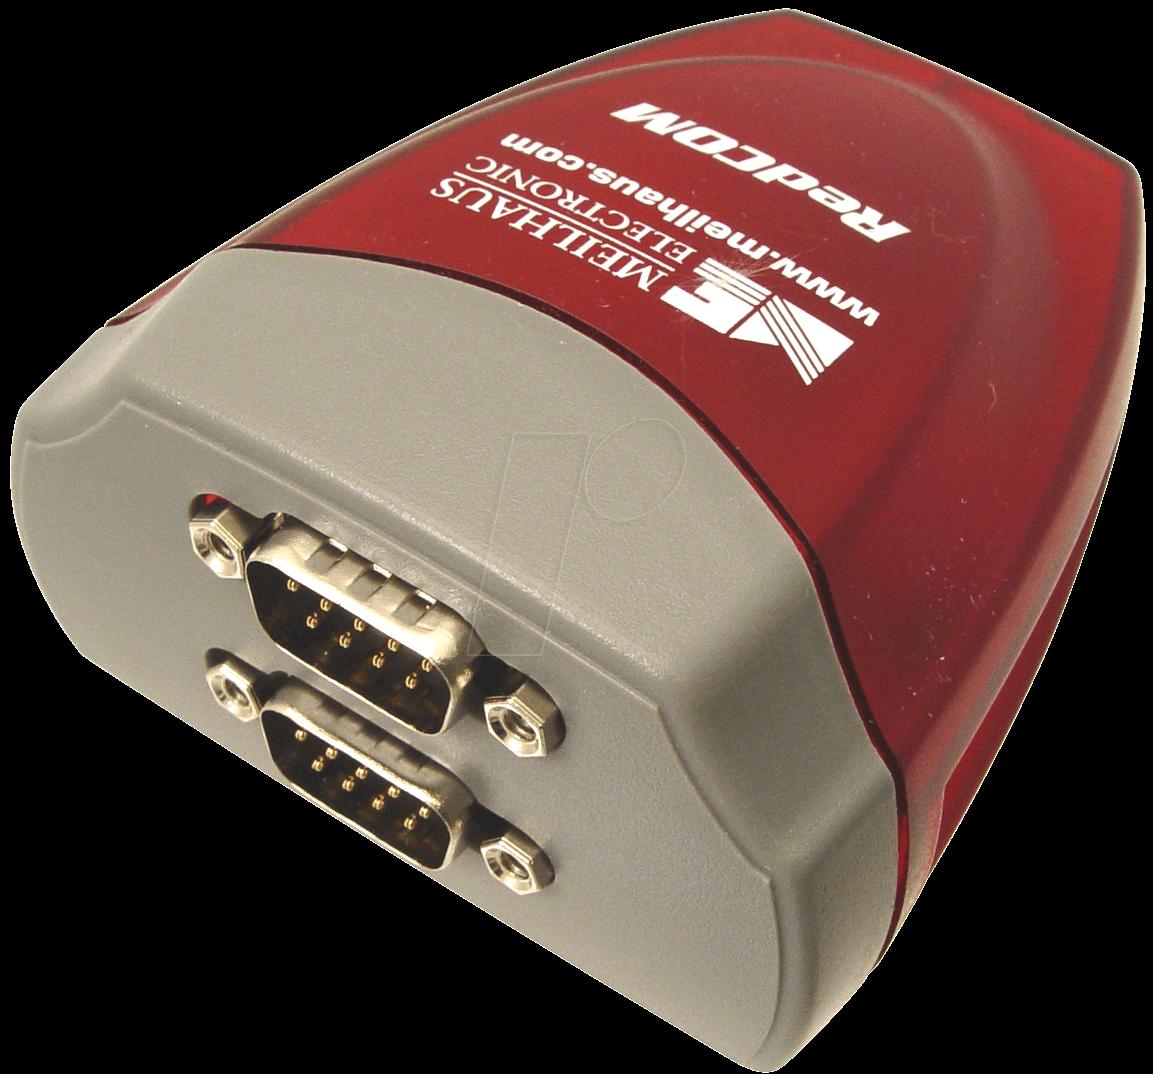 https://cdn-reichelt.de/bilder/web/xxl_ws/D150/USB_2COM_01.png